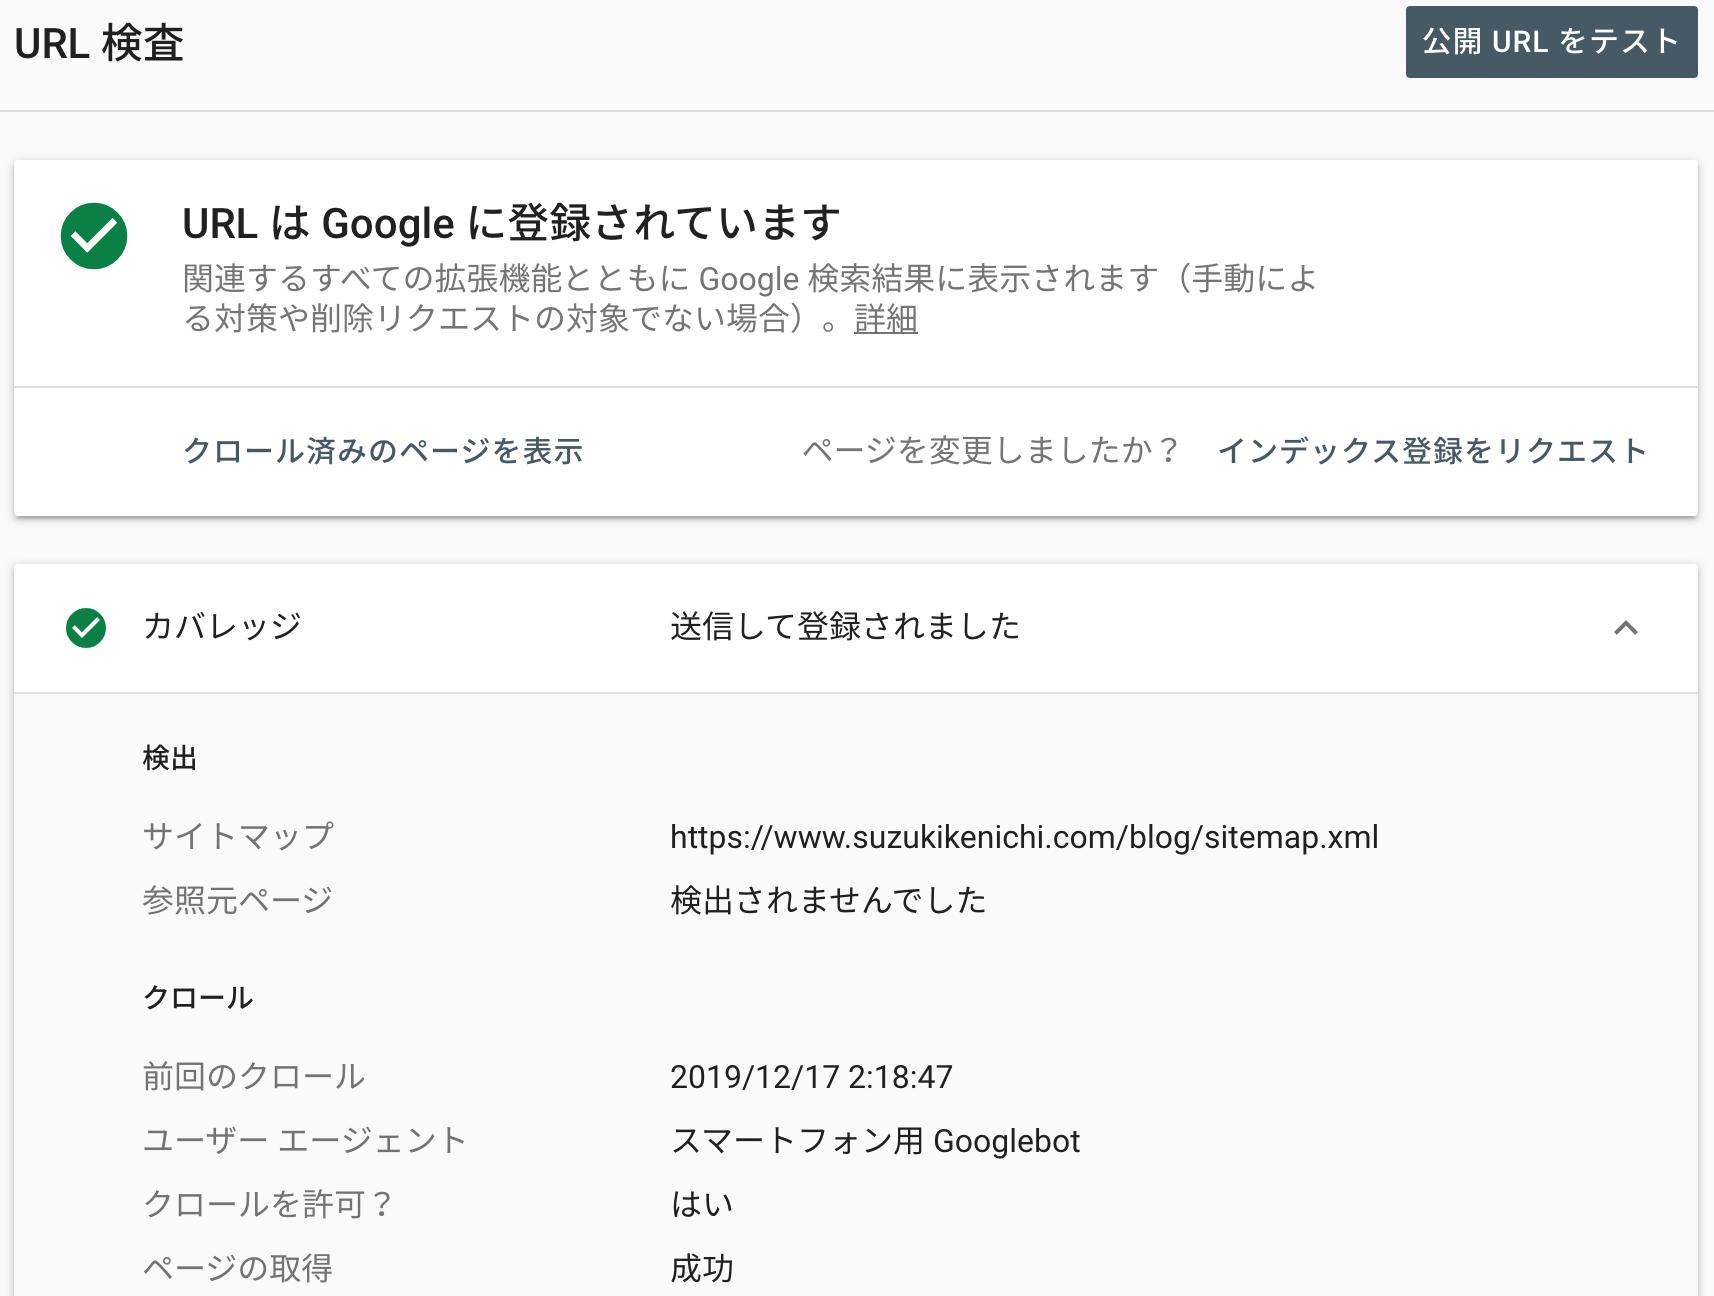 URL 検査ツール